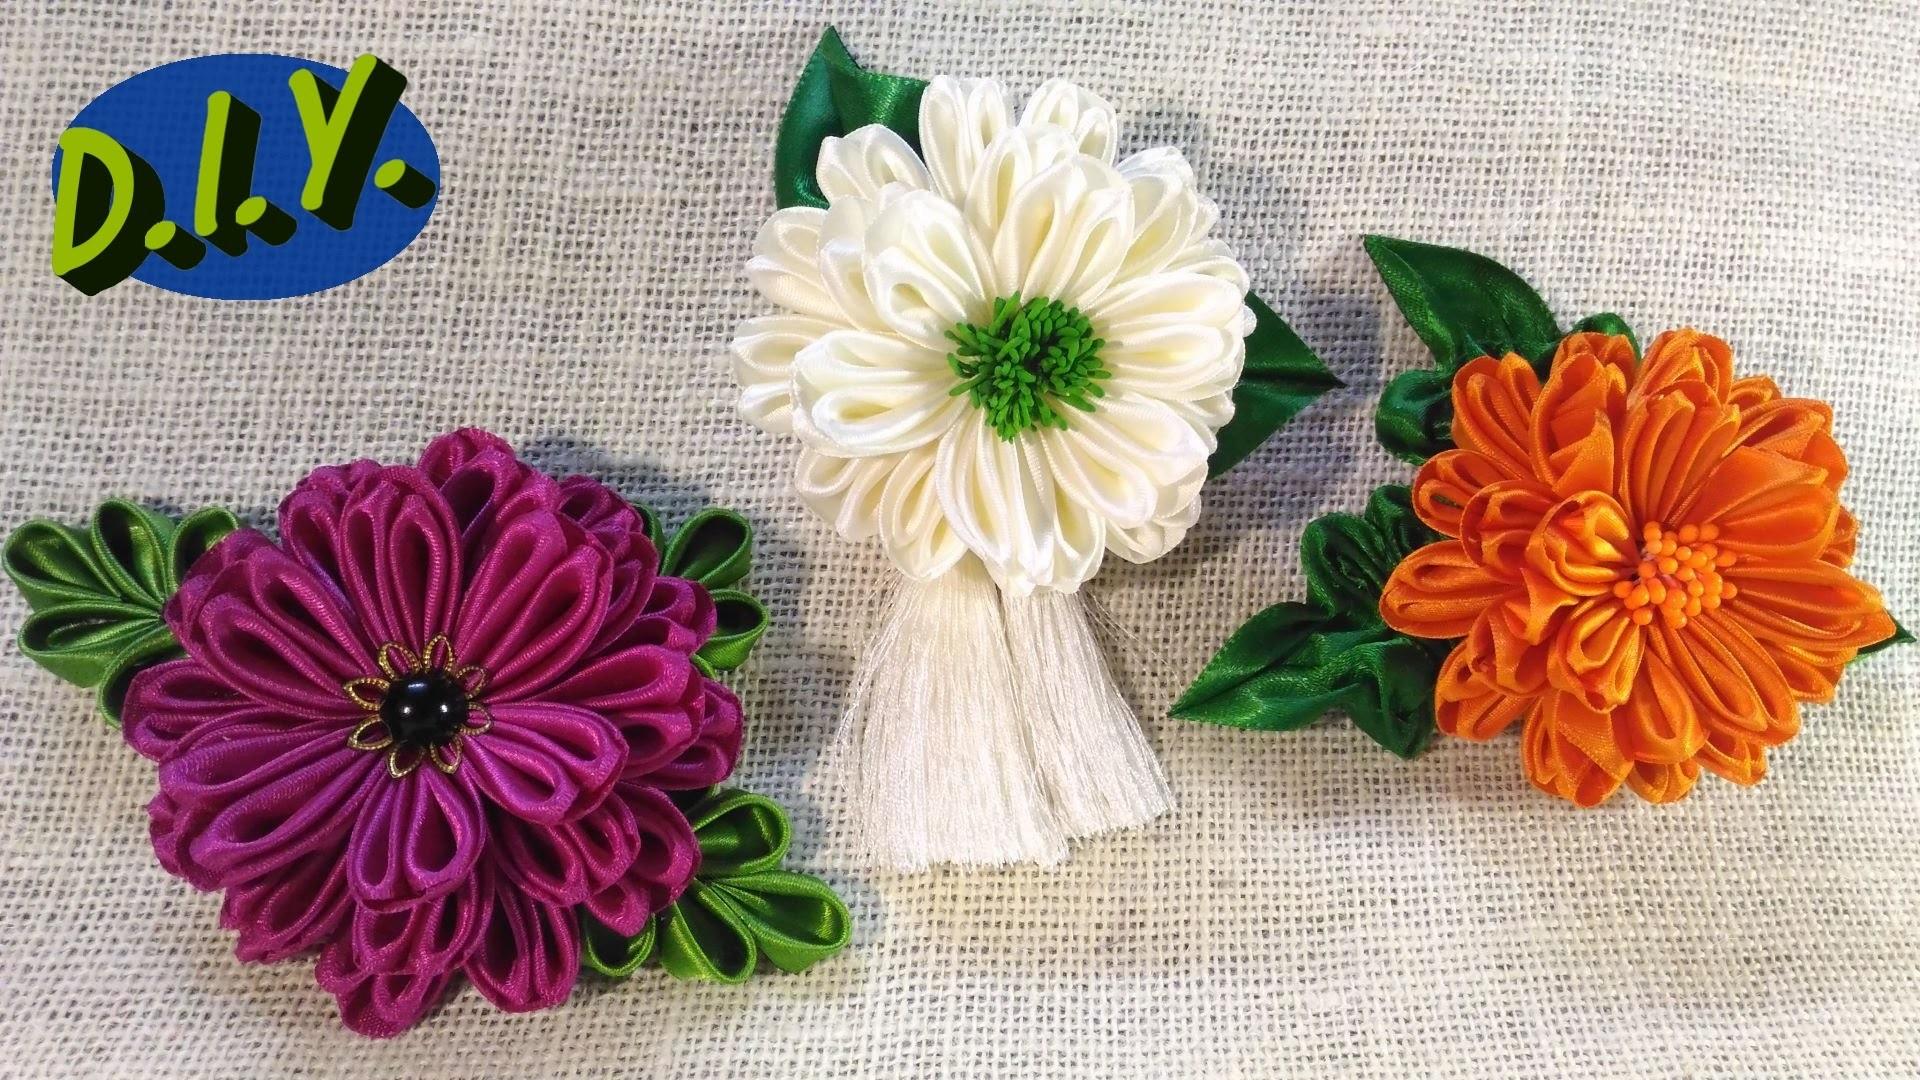 ❀ ❃ ❀ D.I.Y. New Kanzashi Flower ❀ ❃ ❀